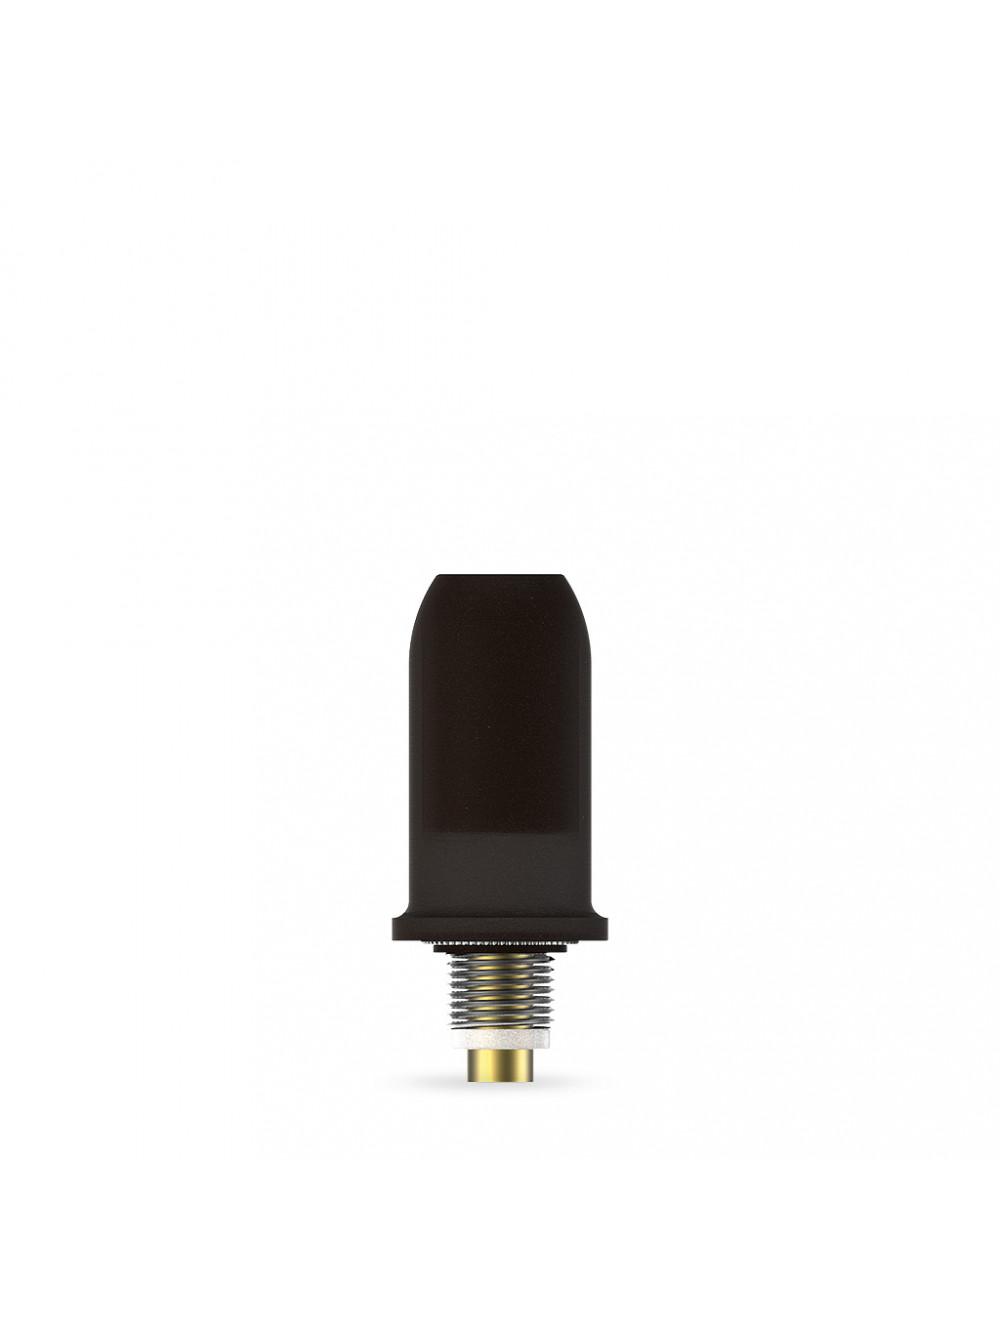 Das Produkt MK-dent LED Lampe BU8012WRA aus dem Global-dent online shop.